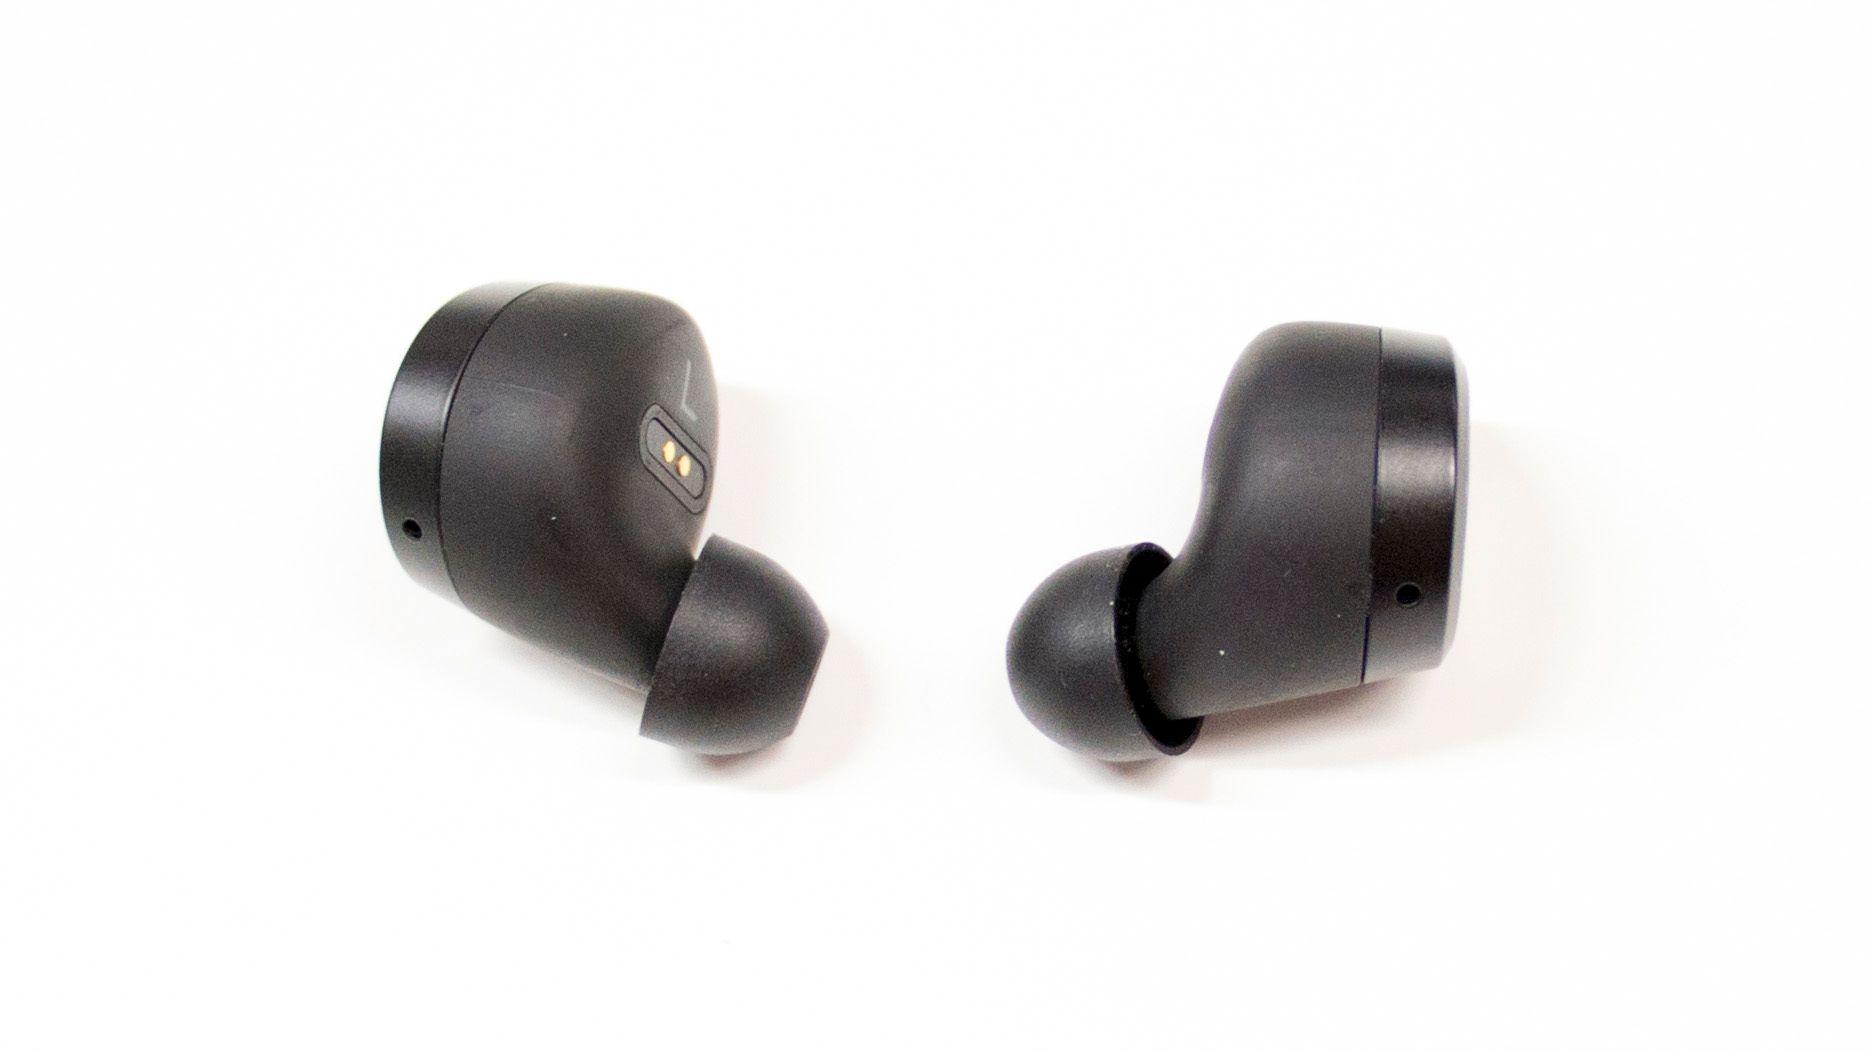 Kun disse to proppene er alt du trenger for å få lyd helt trådløst fra mobilen din.